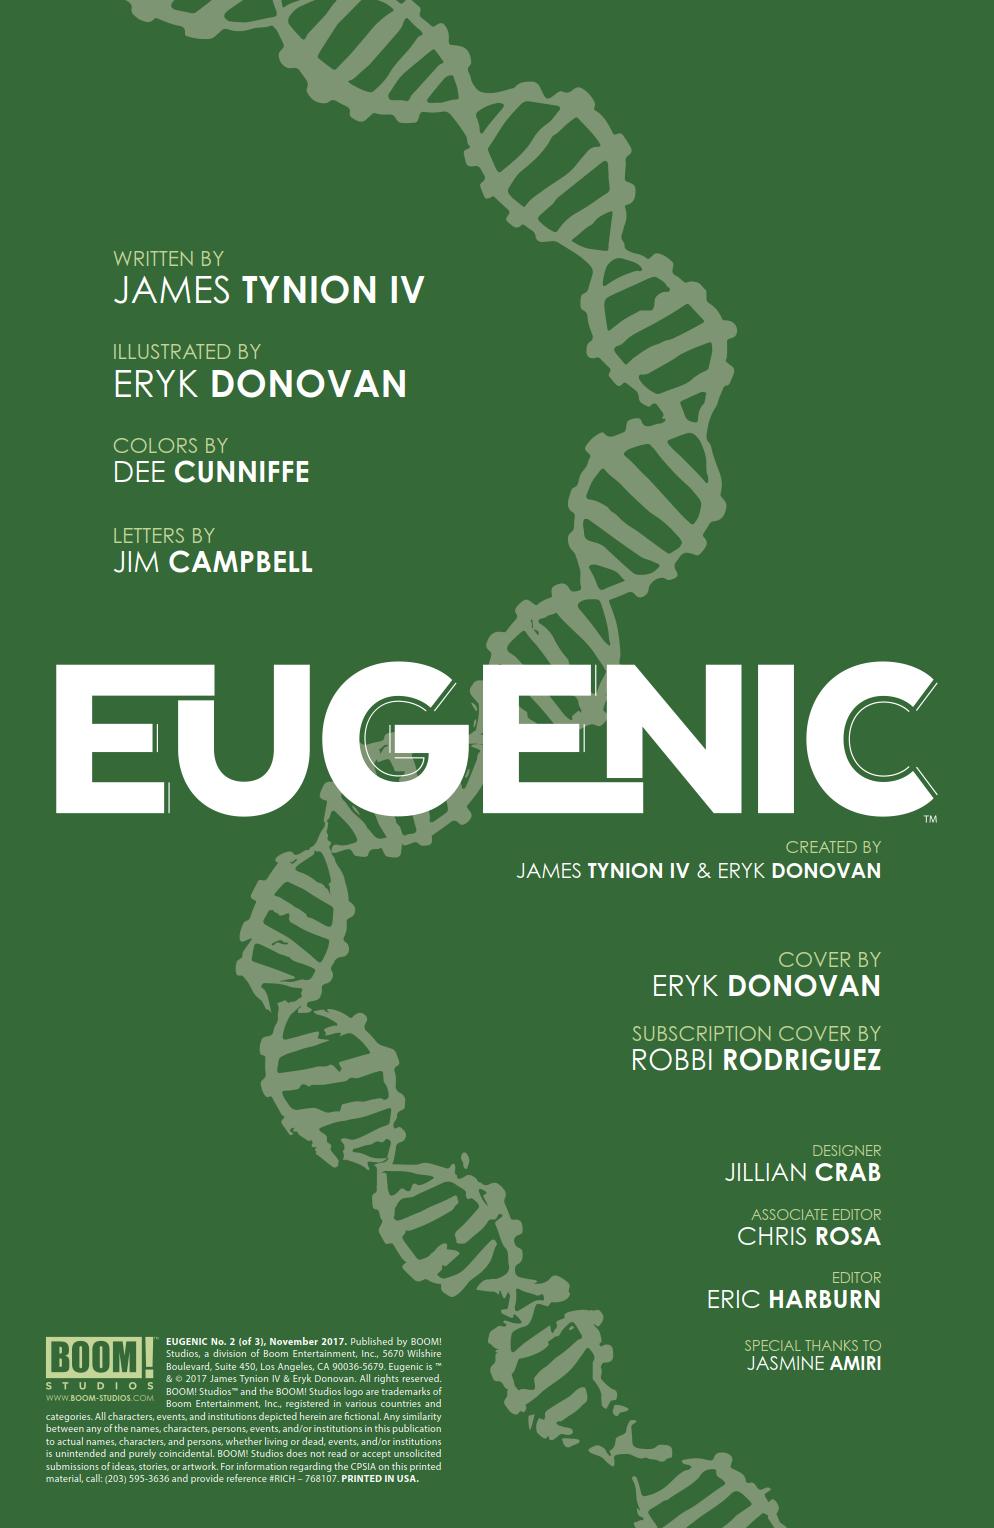 Eugenic_002_PRESS_2